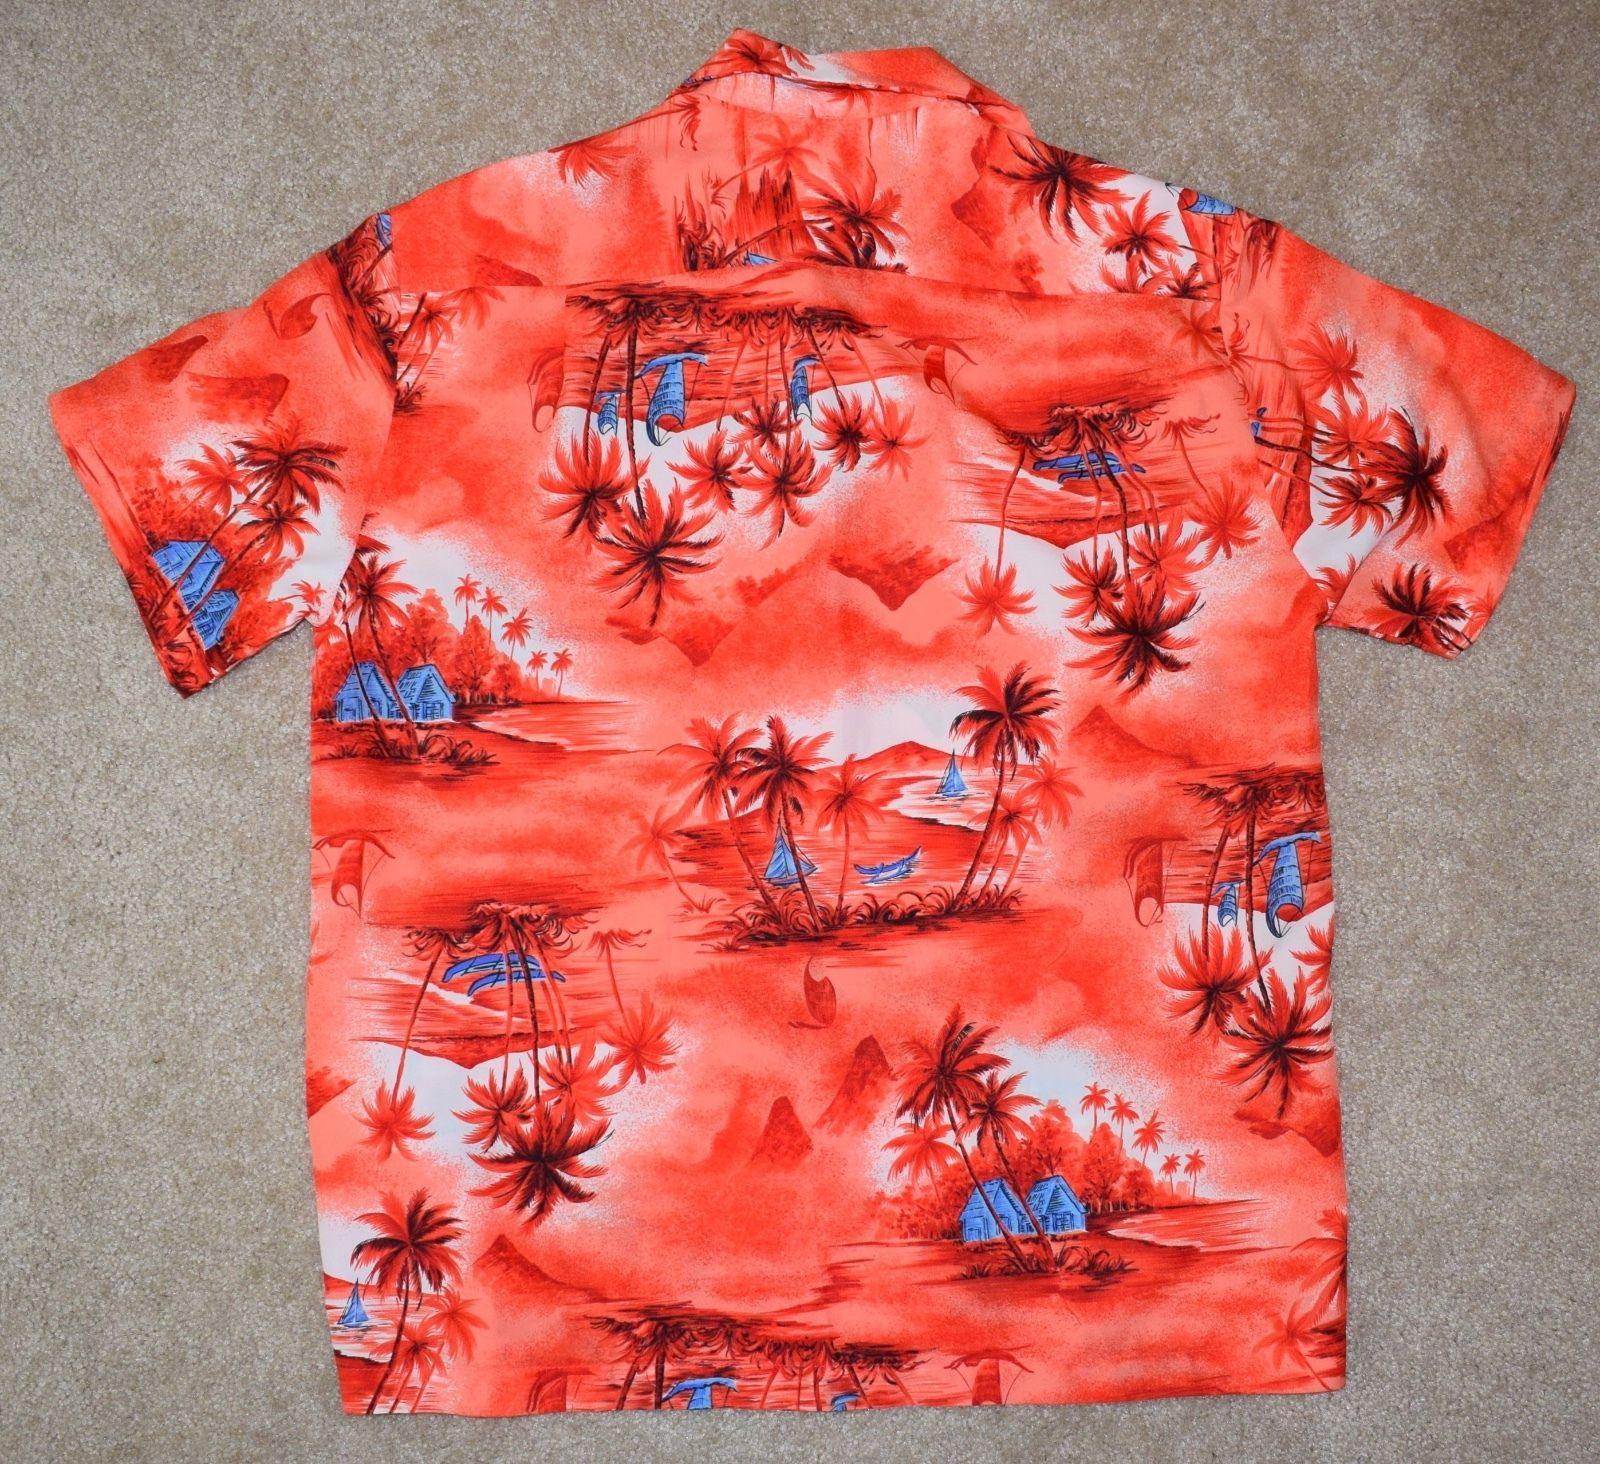 ca3aca07 Vintage Made In Hawaii Large Hawaiian Shirt Orange Palm Tree Boat Short  Sleeve